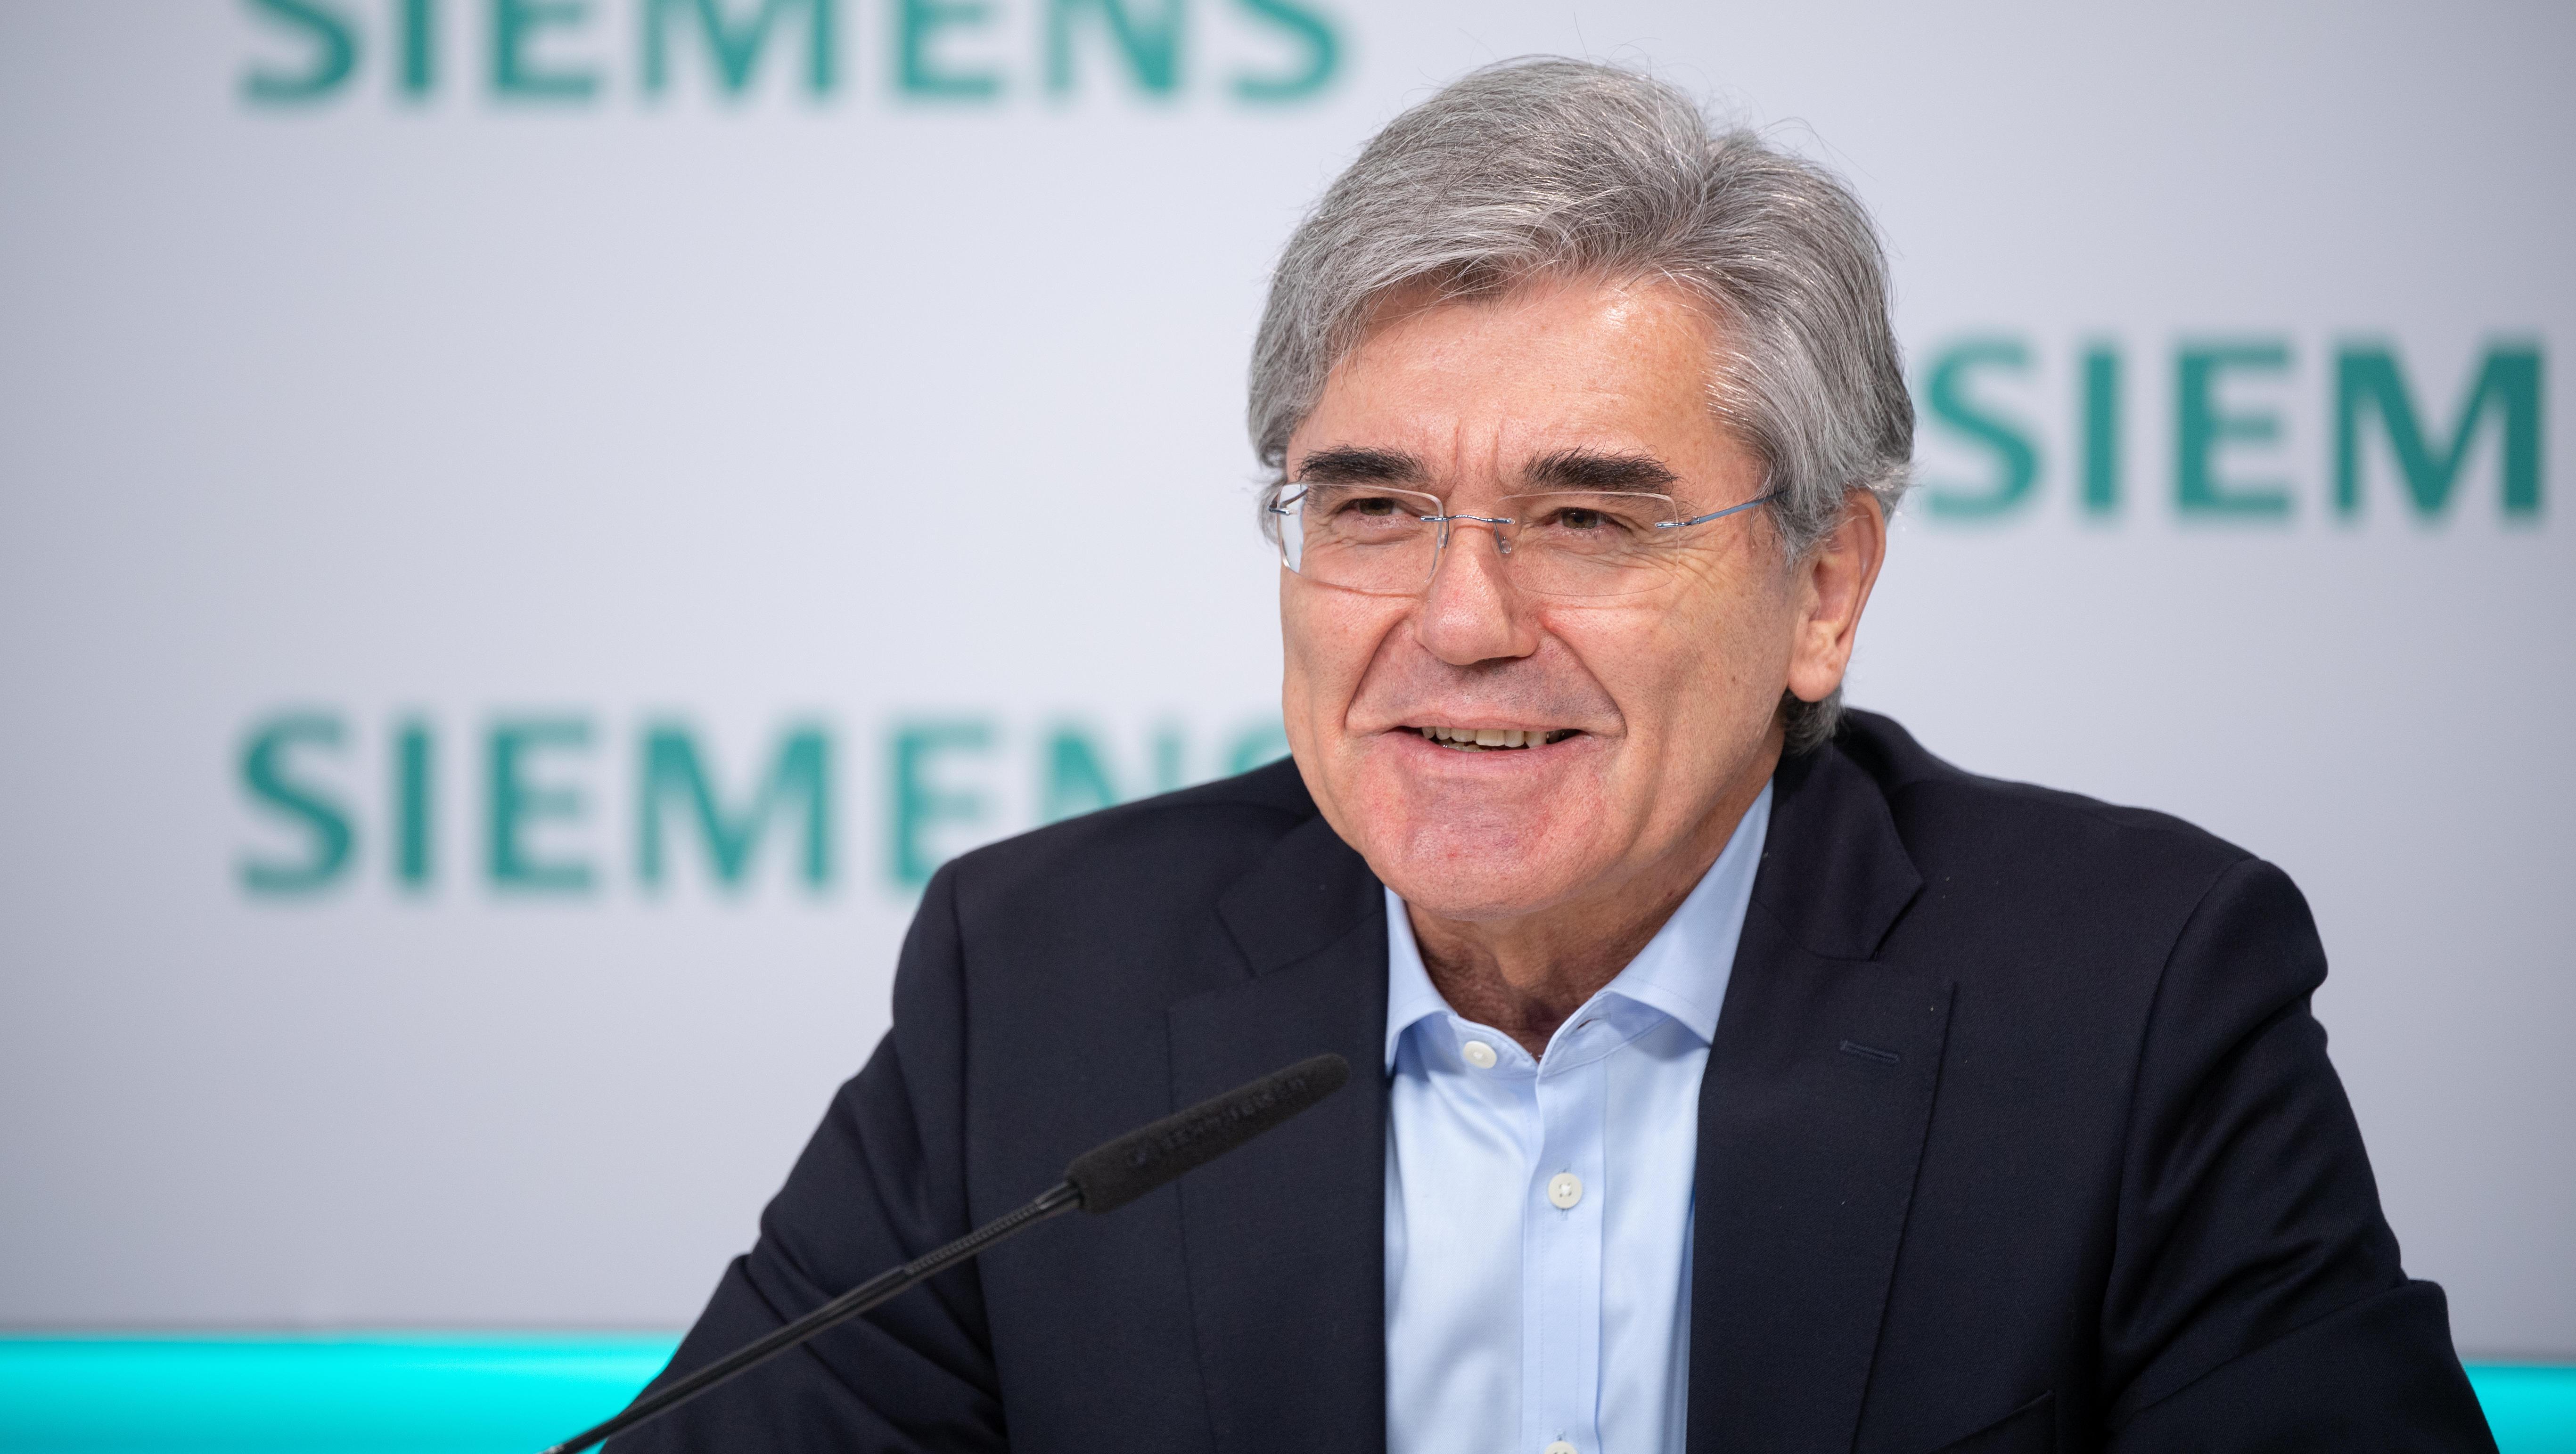 Siemens kommt bisher recht gut durch die Corona-Krise